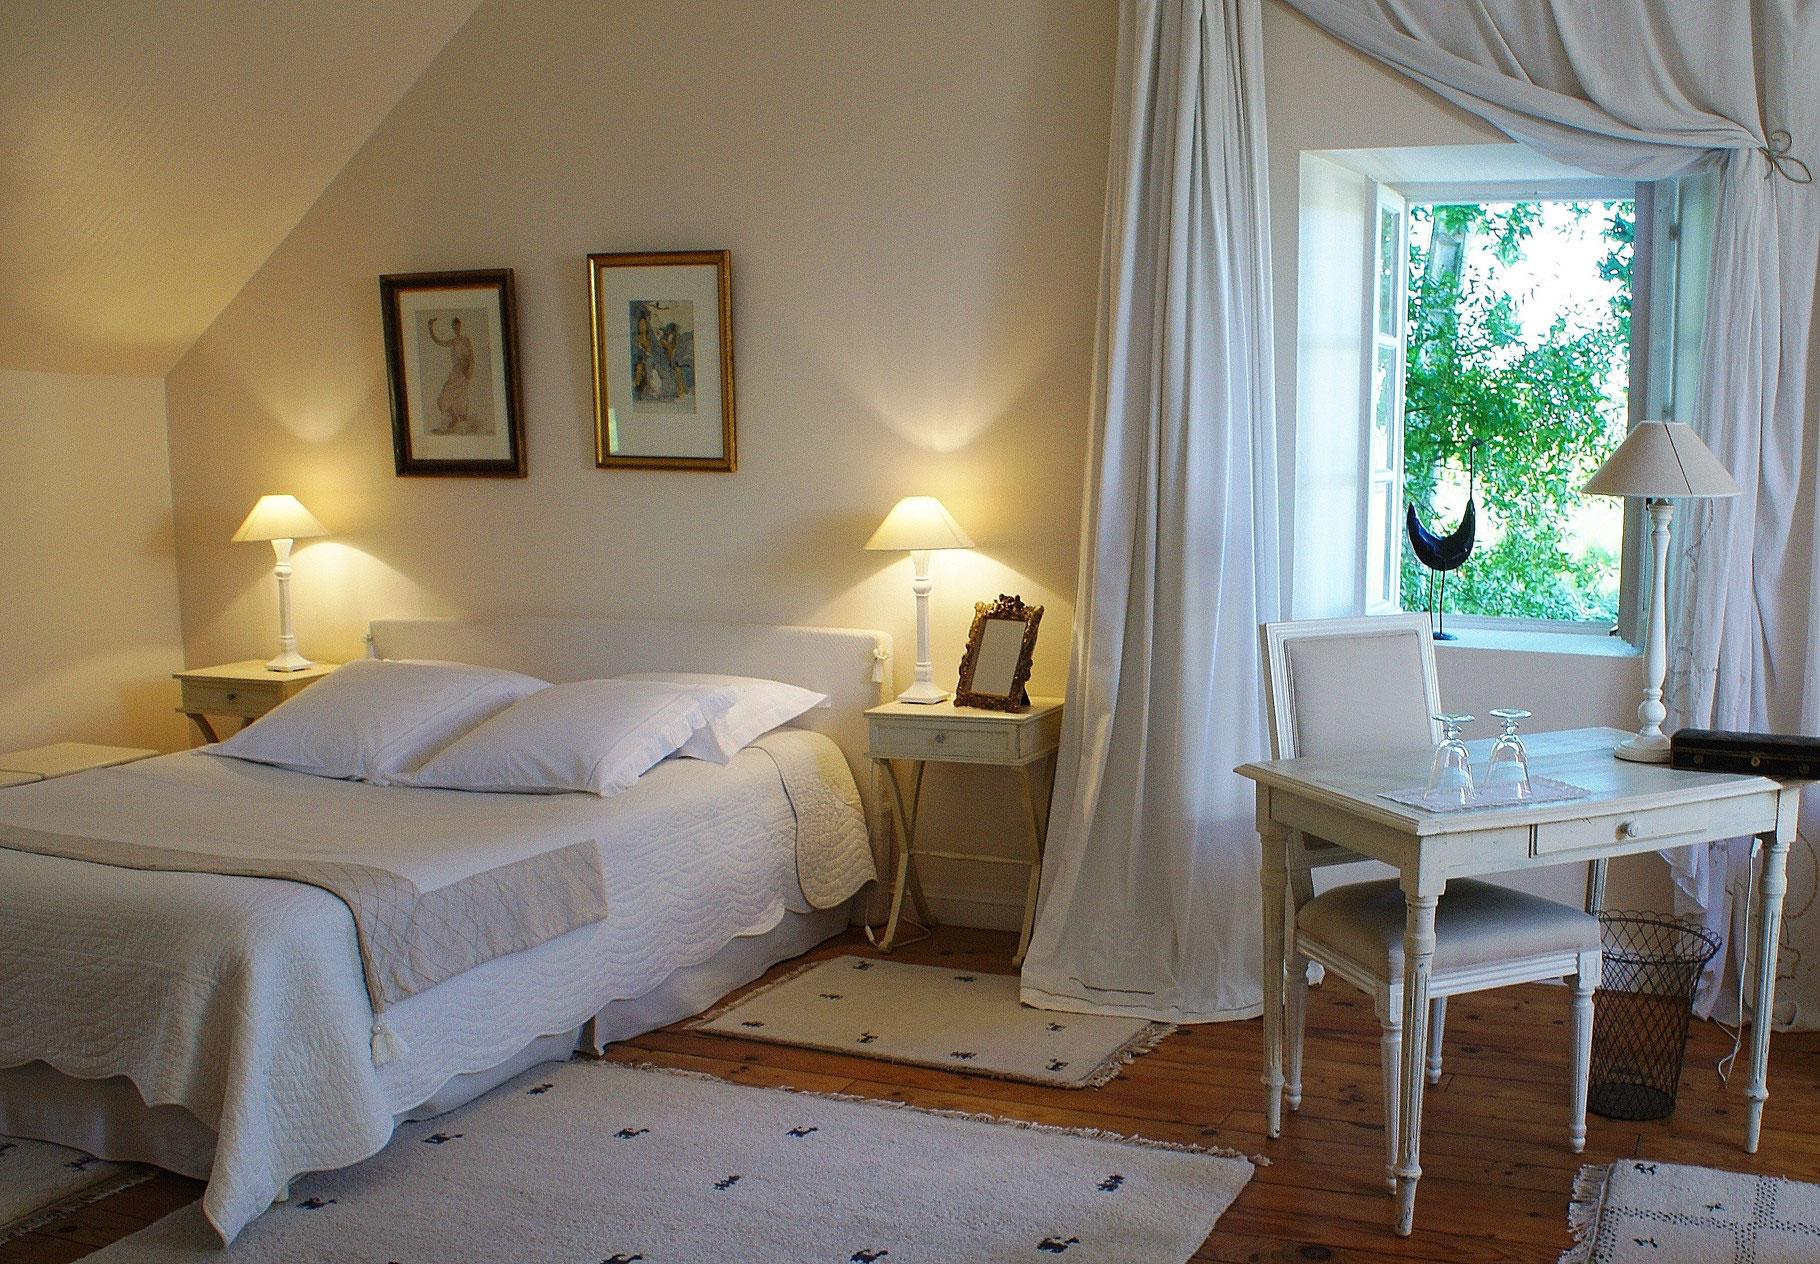 chambres d 39 h tes de charme pr s de pau en b arn chambres d 39 h tes de charme pr s de pau la. Black Bedroom Furniture Sets. Home Design Ideas